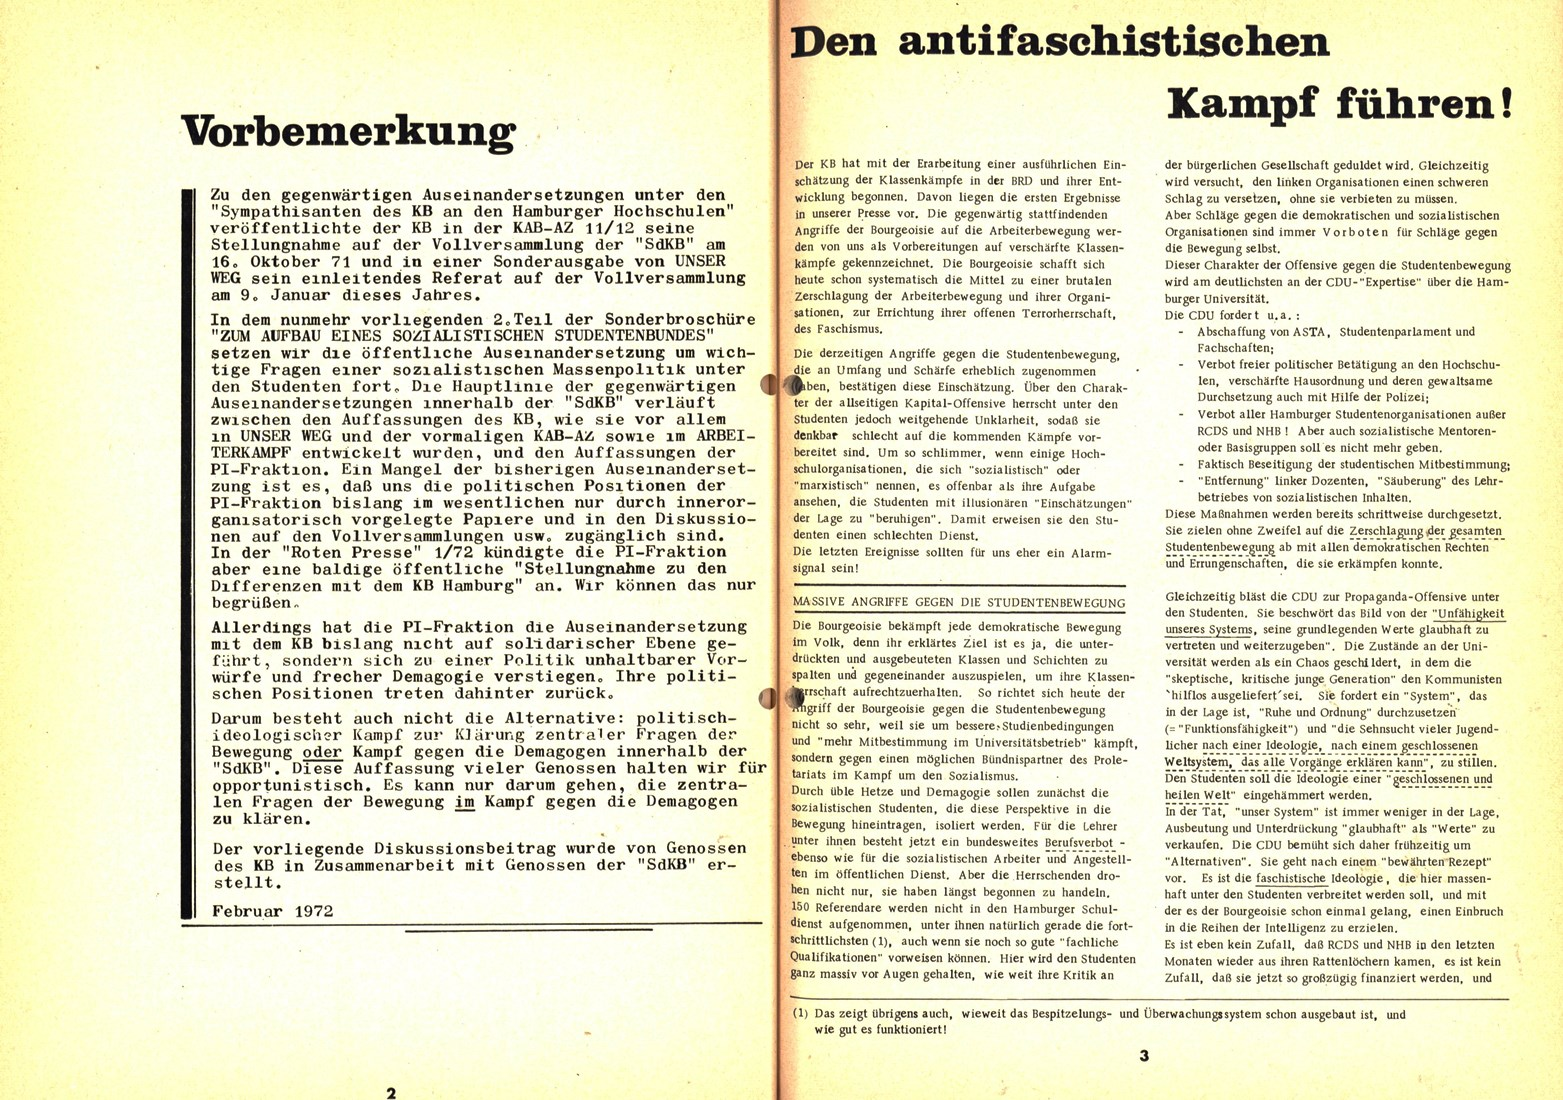 KB_Unser_Weg_19720200_02